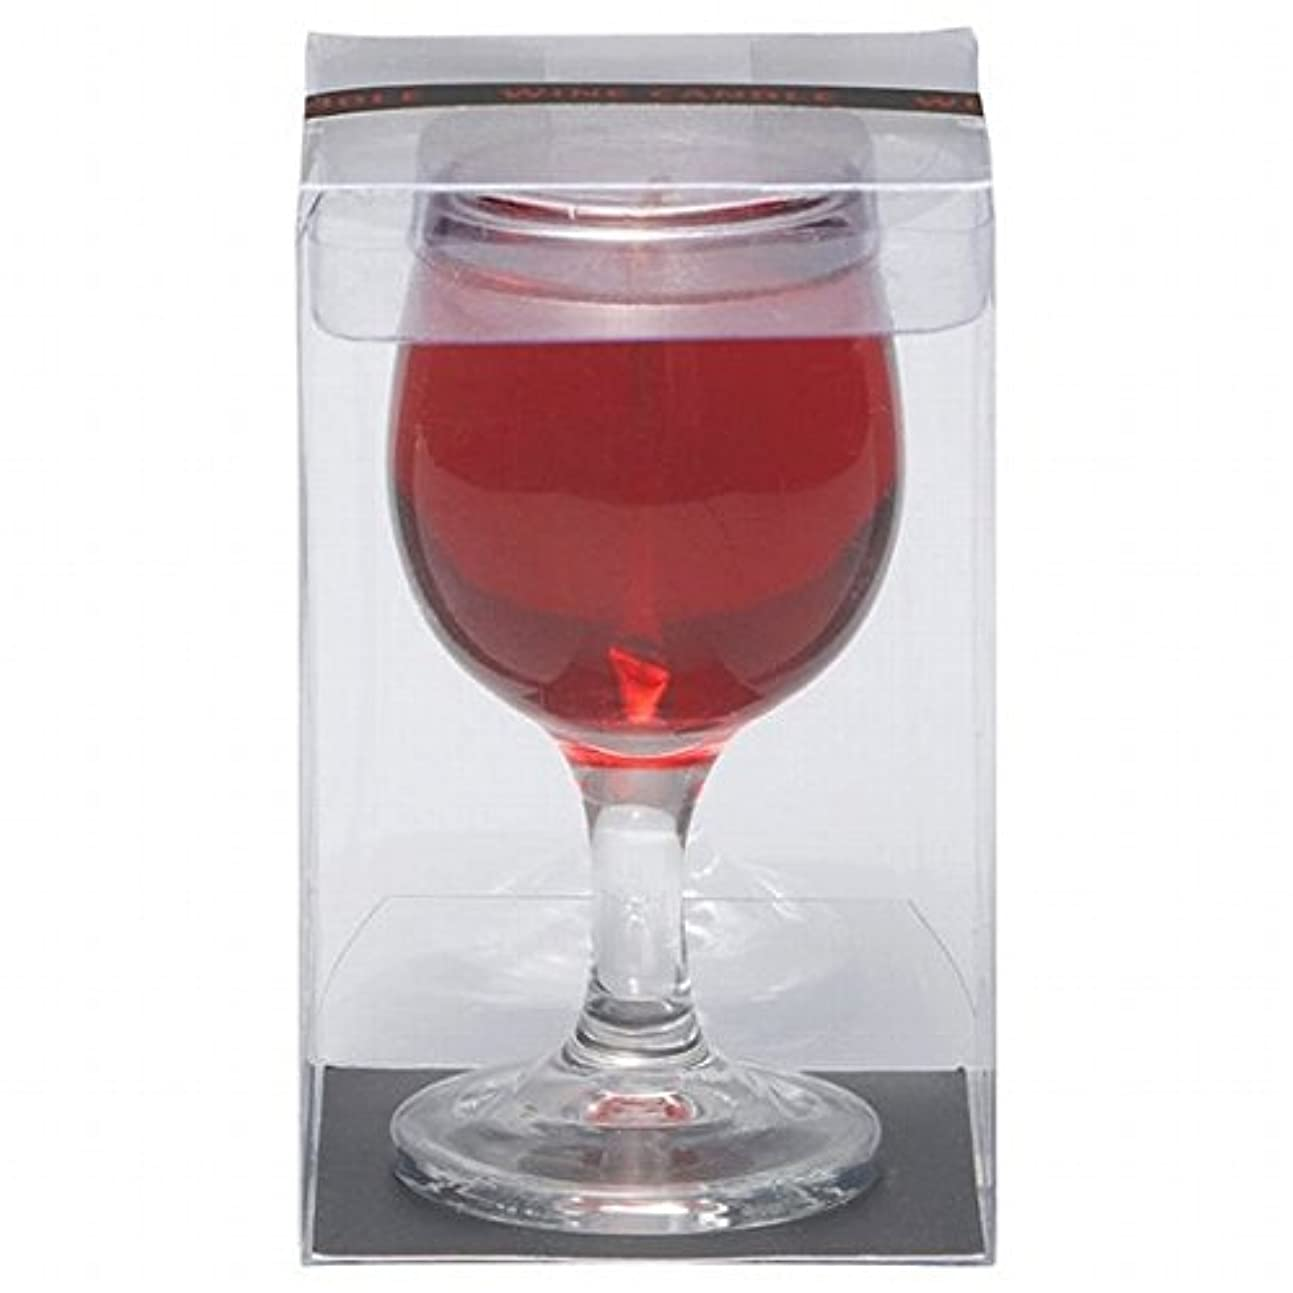 スタジアム歴史的赤字カメヤマキャンドル(kameyama candle) ワインキャンドル